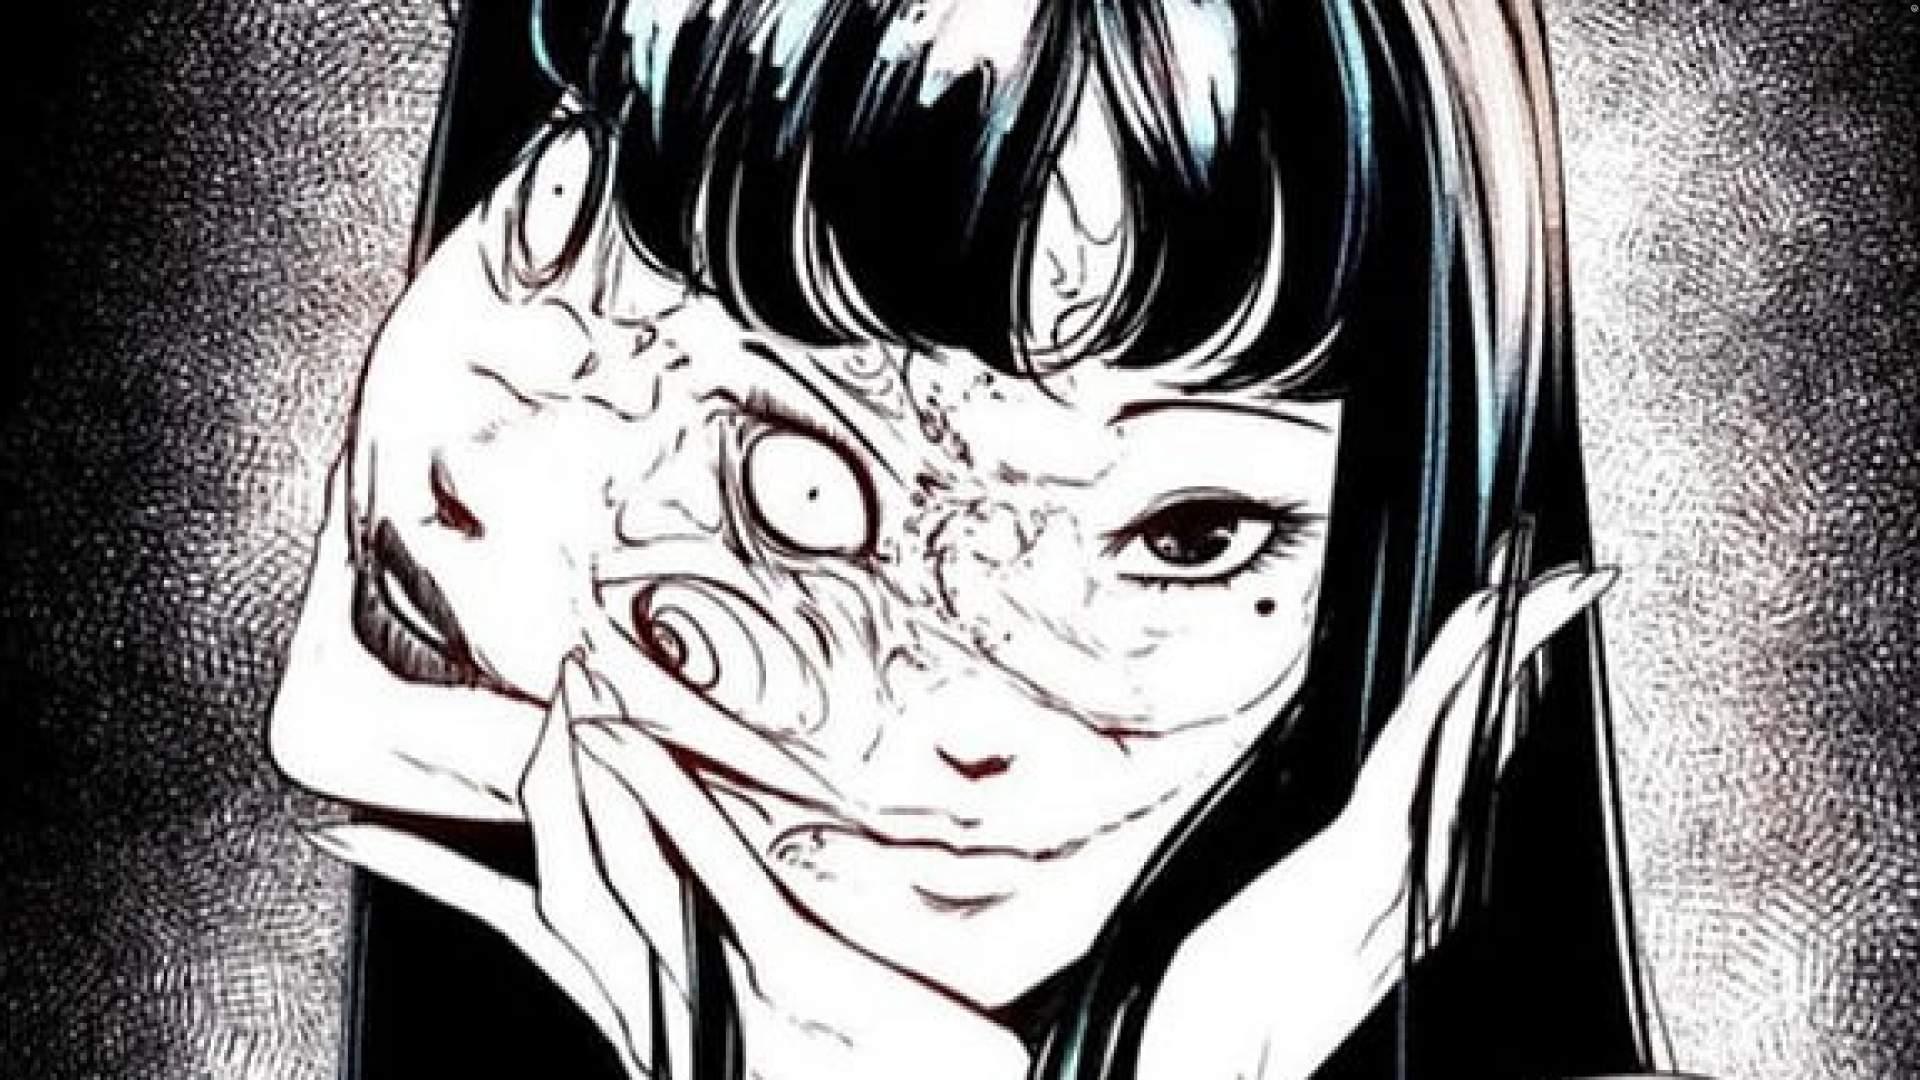 ANIME: Der Kult-Manga 'Tomie' wird endlich verfilmt vom Streamingdienst